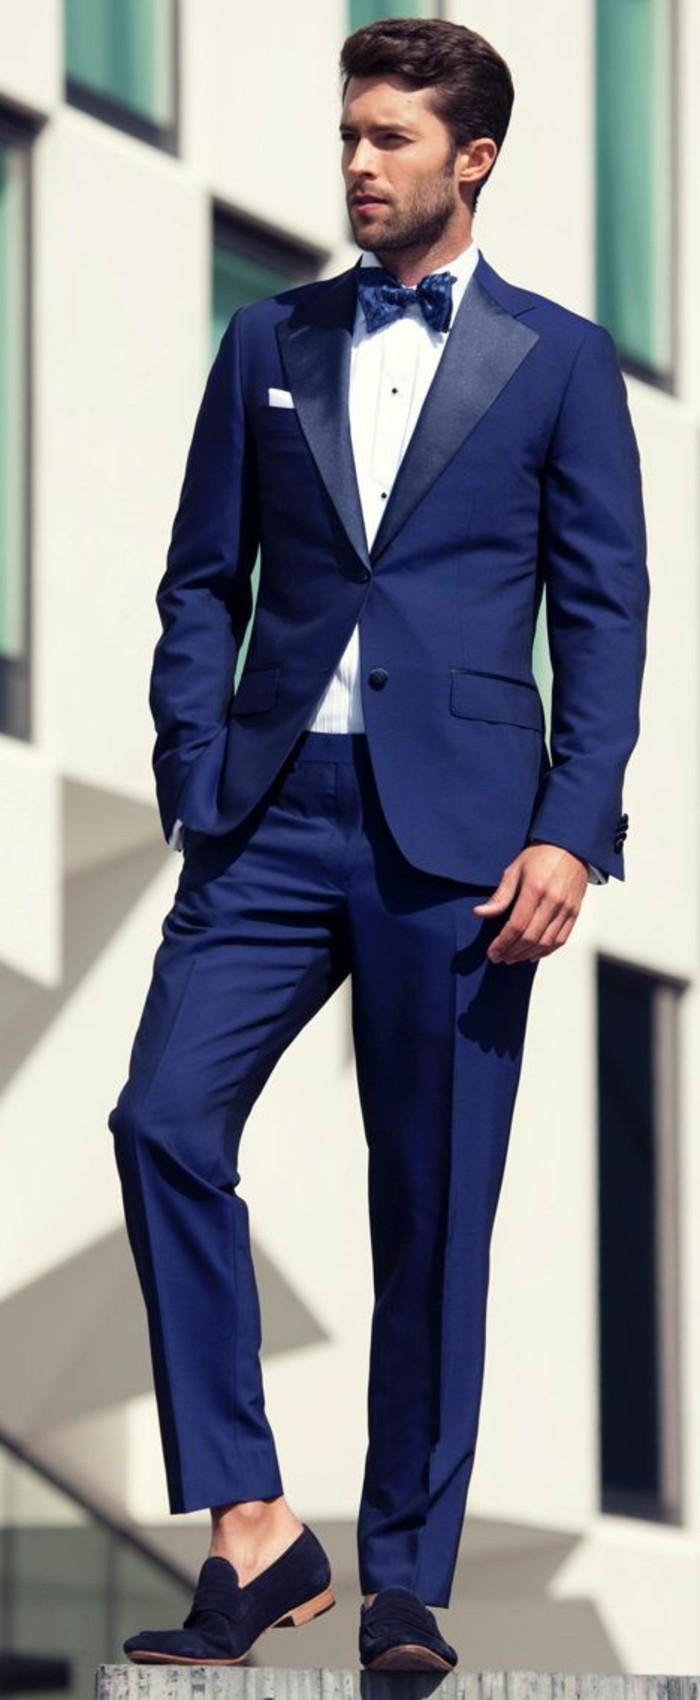 Comment s 39 habiller pour un mariage homme invit 66 id es magnifiques - Tenue homme invite mariage ...